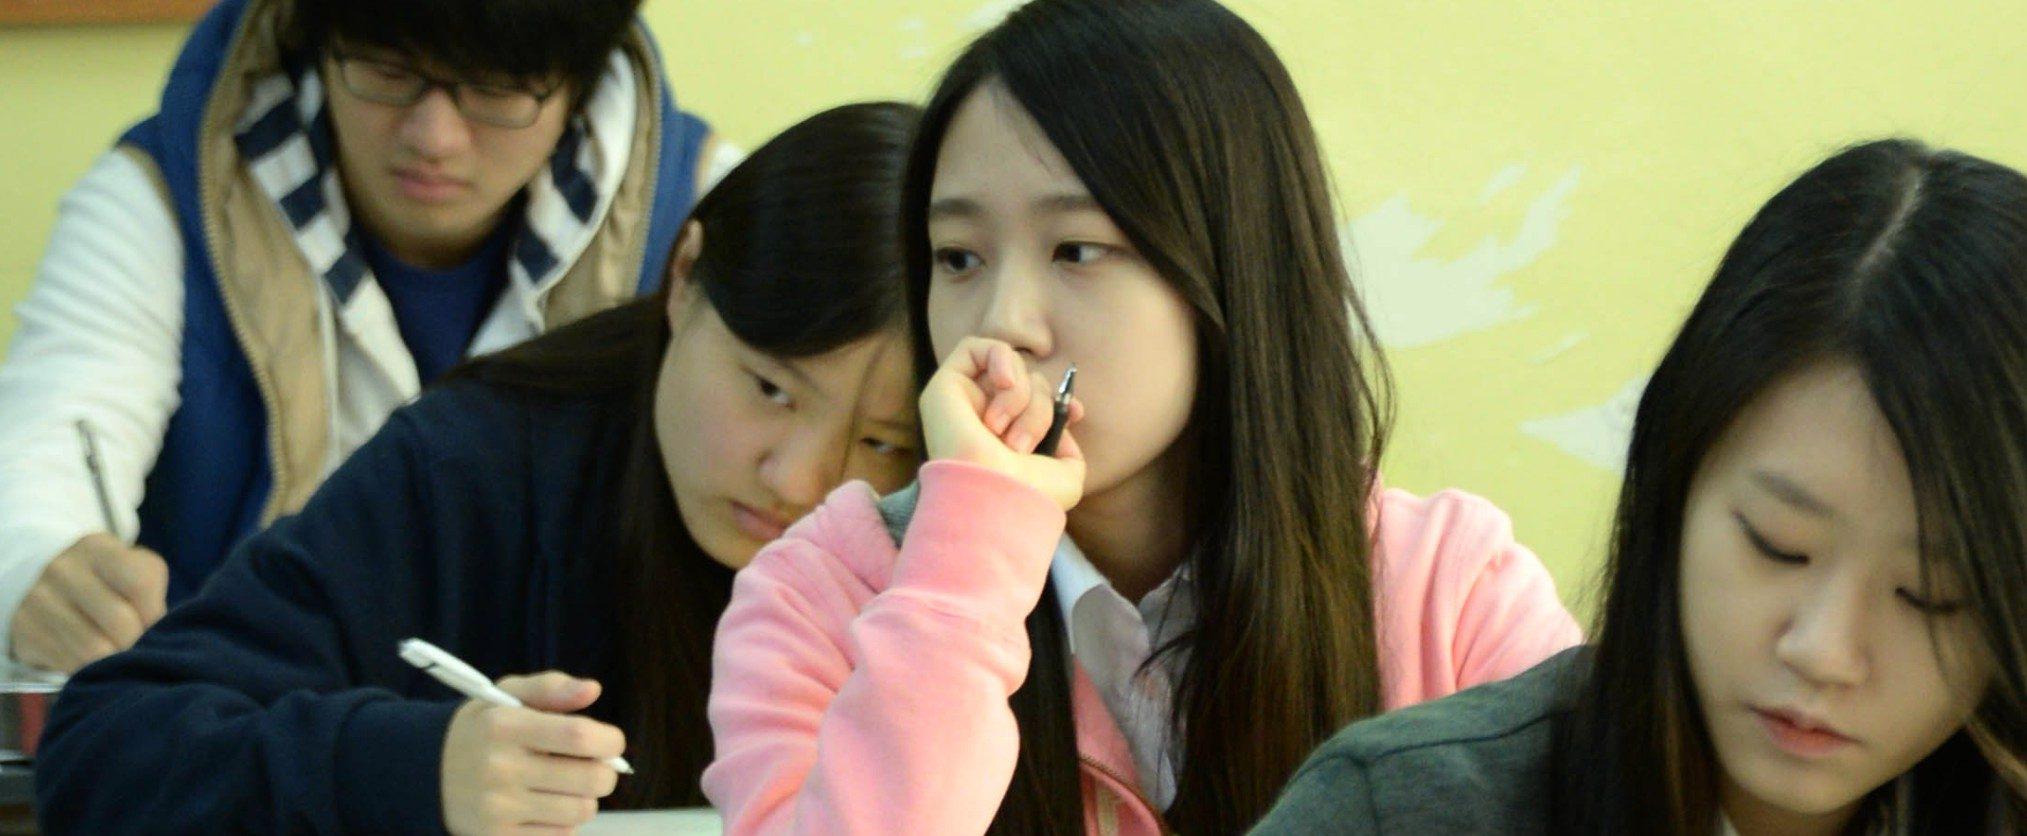 Chaque année, pendant la seconde quinzaine de novembre, près de 500 000 élèves sud-coréens vivent les épreuves du College Scholastic Ability Test (CSAT), l'équivalent du baccalauréat. (Source : Kroeaboo)